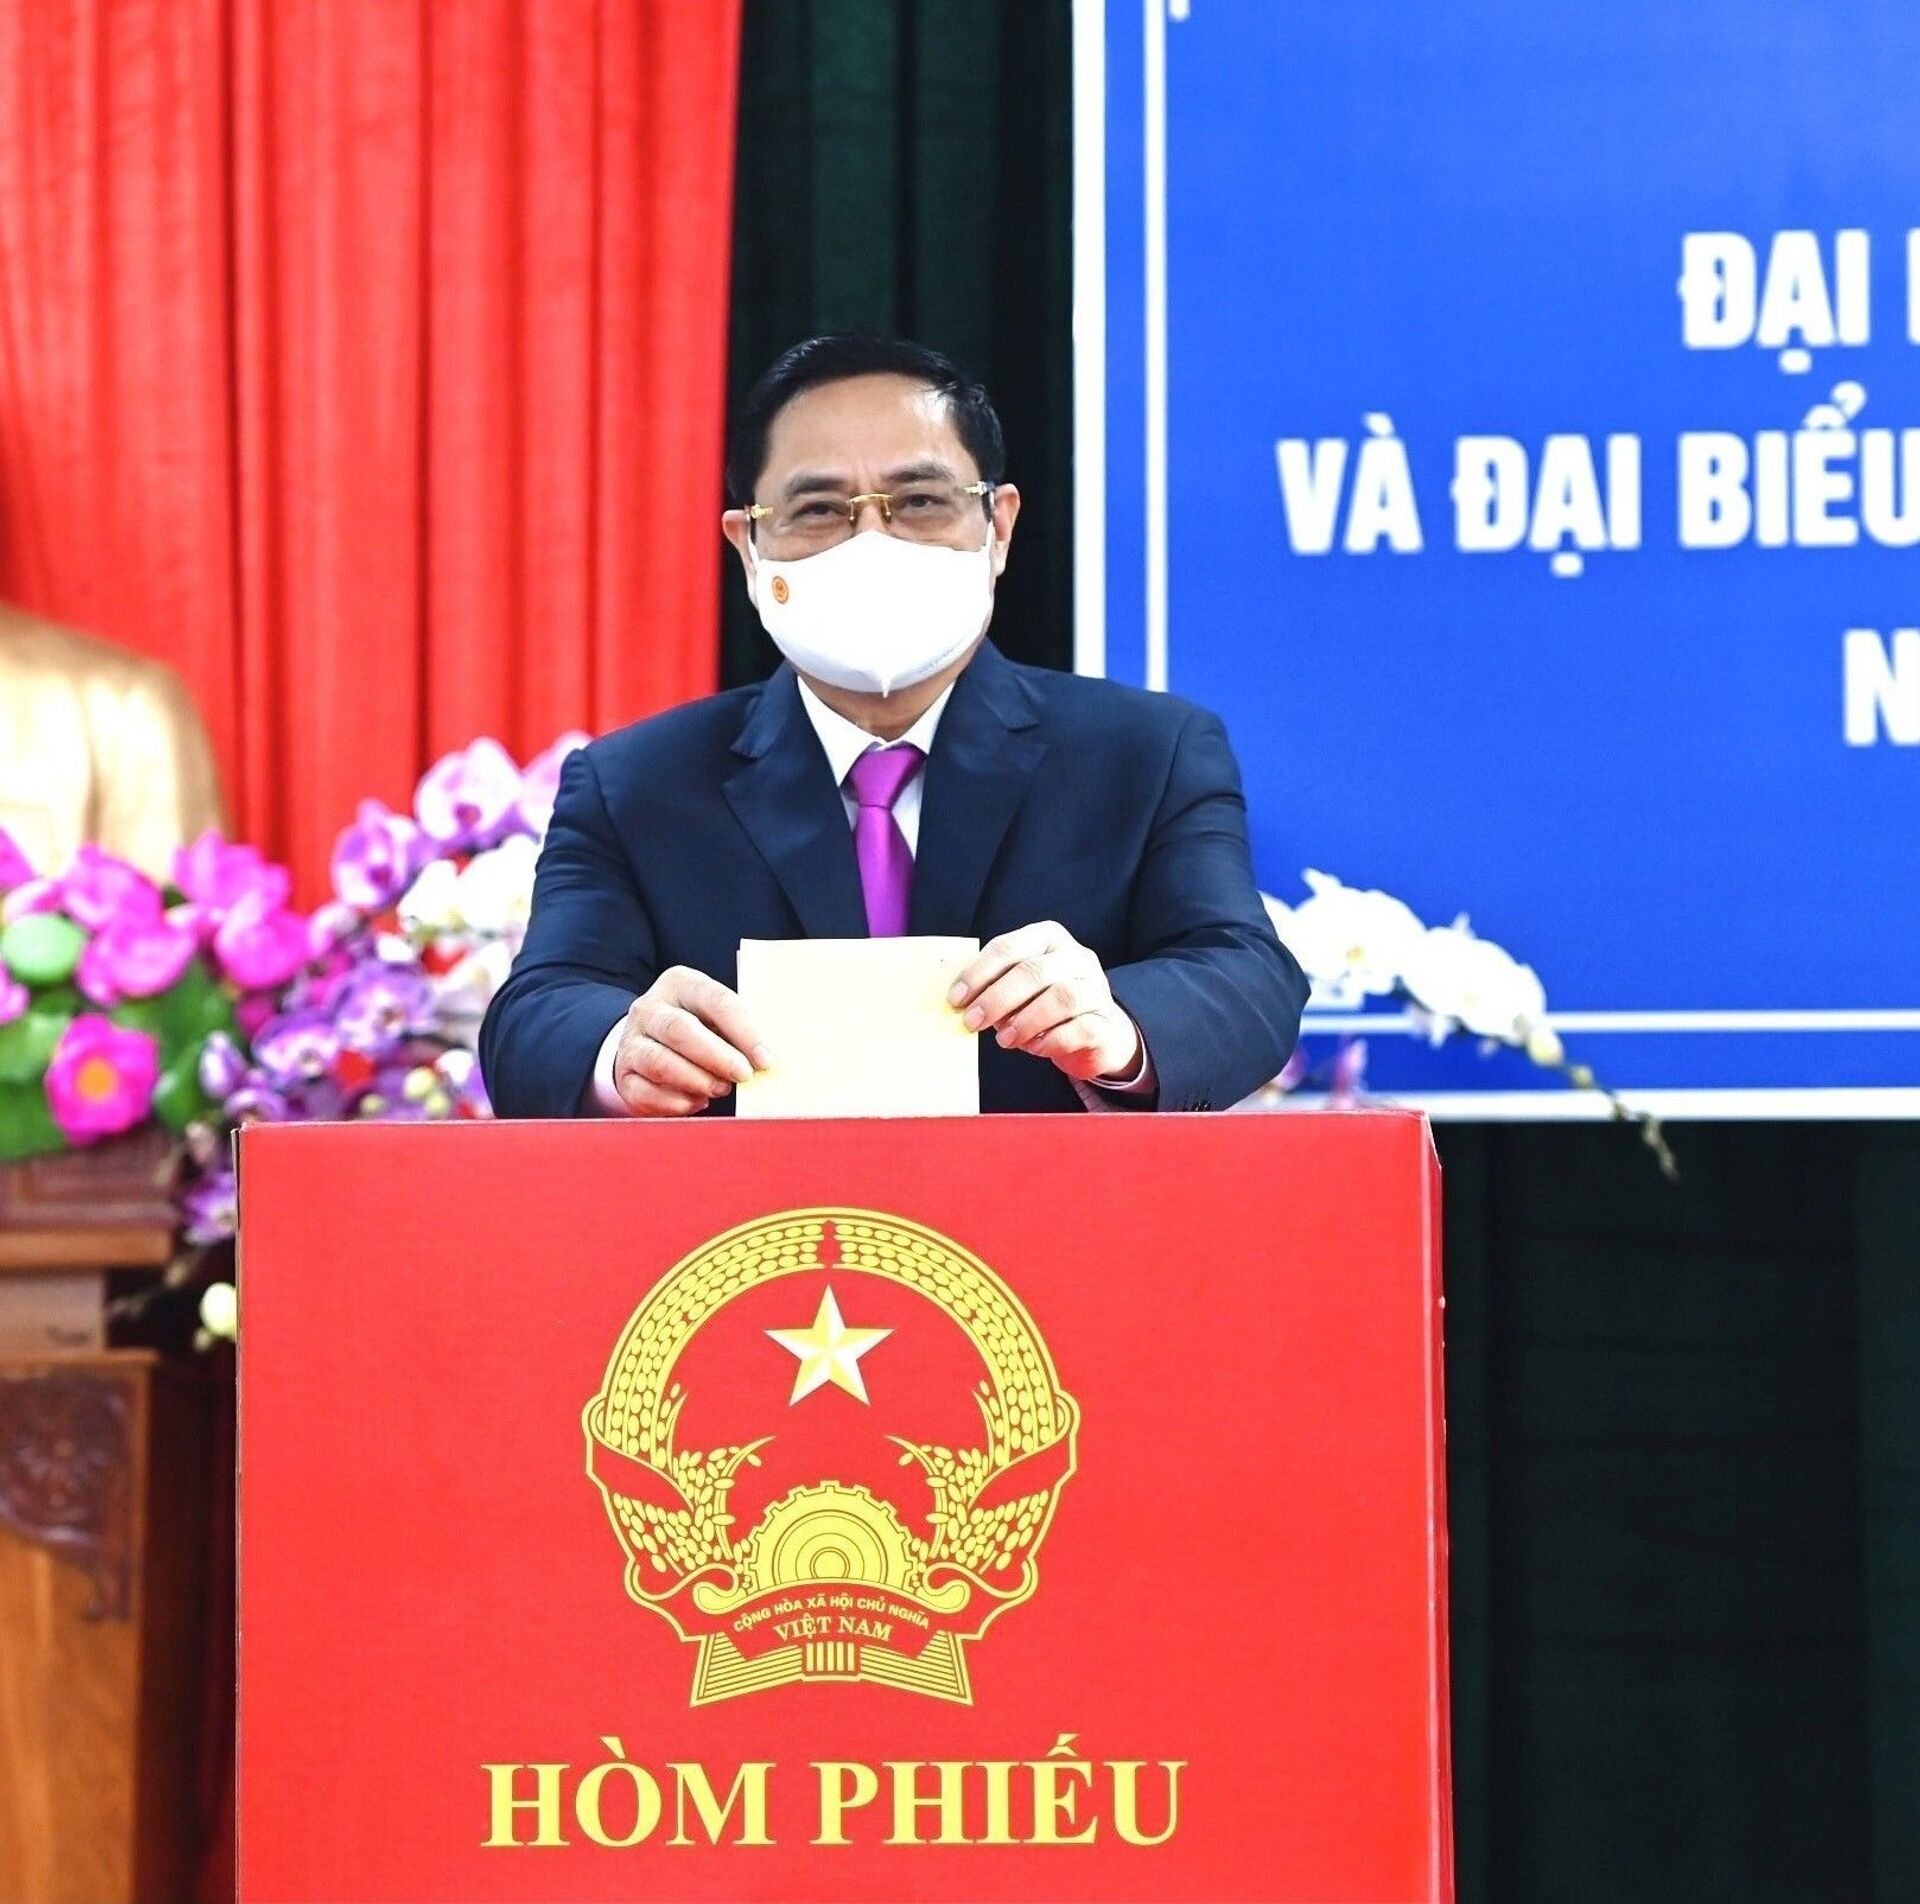 Lãnh đạo Đảng, Nhà nước thực hiện quyền bầu cử tại các thành phố lớn - Sputnik Việt Nam, 1920, 23.05.2021